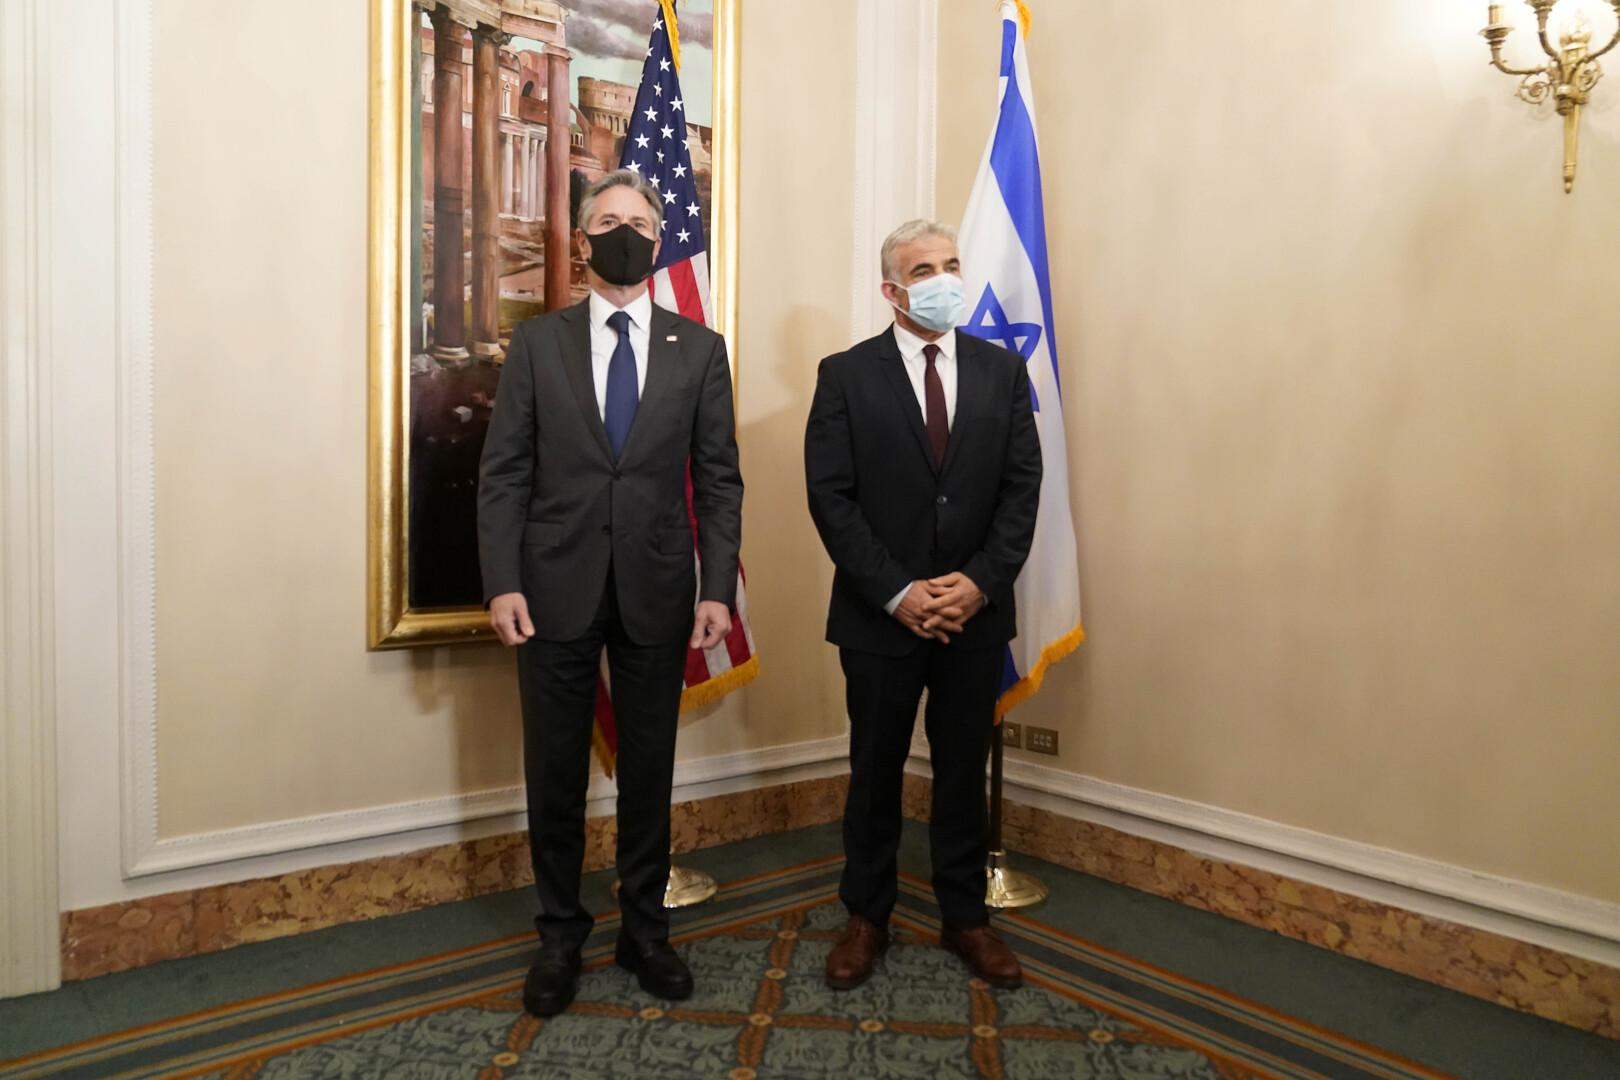 تقرير: الولايات المتحدة وإسرائيل تشكلان فريقا لبحث ملف القنصلية الأمريكية في القدس